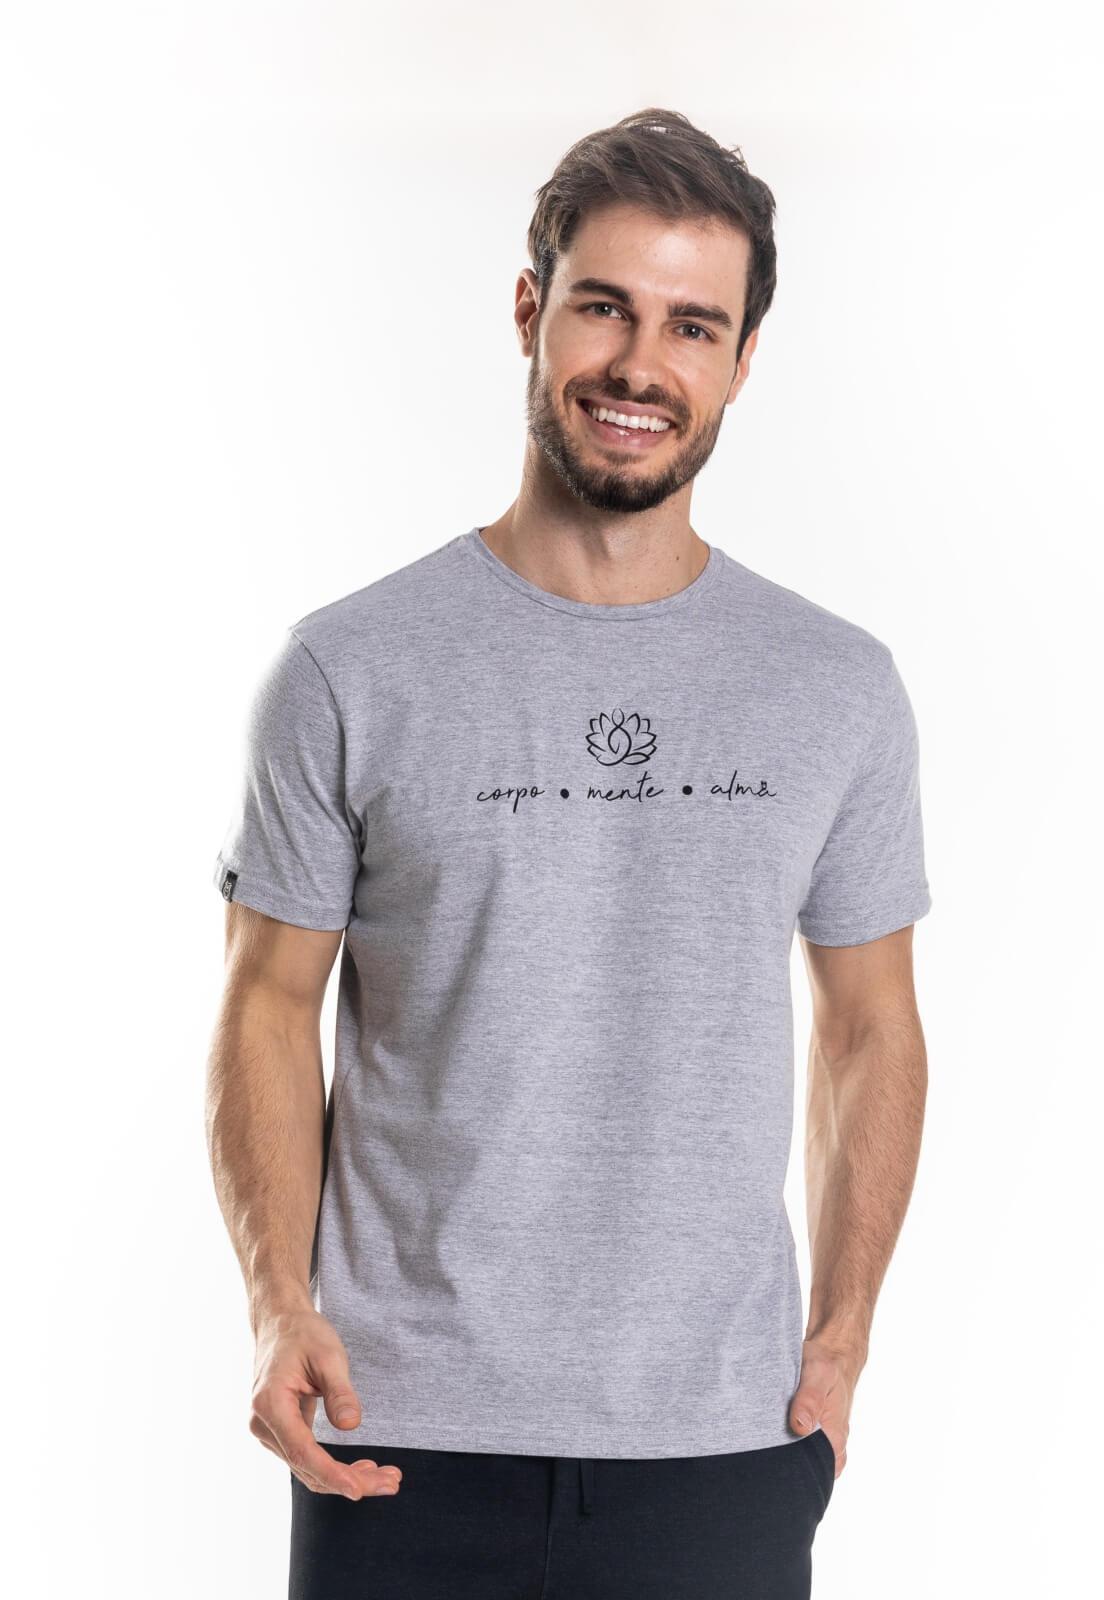 Camiseta Nogah Corpo • Mente • Alma